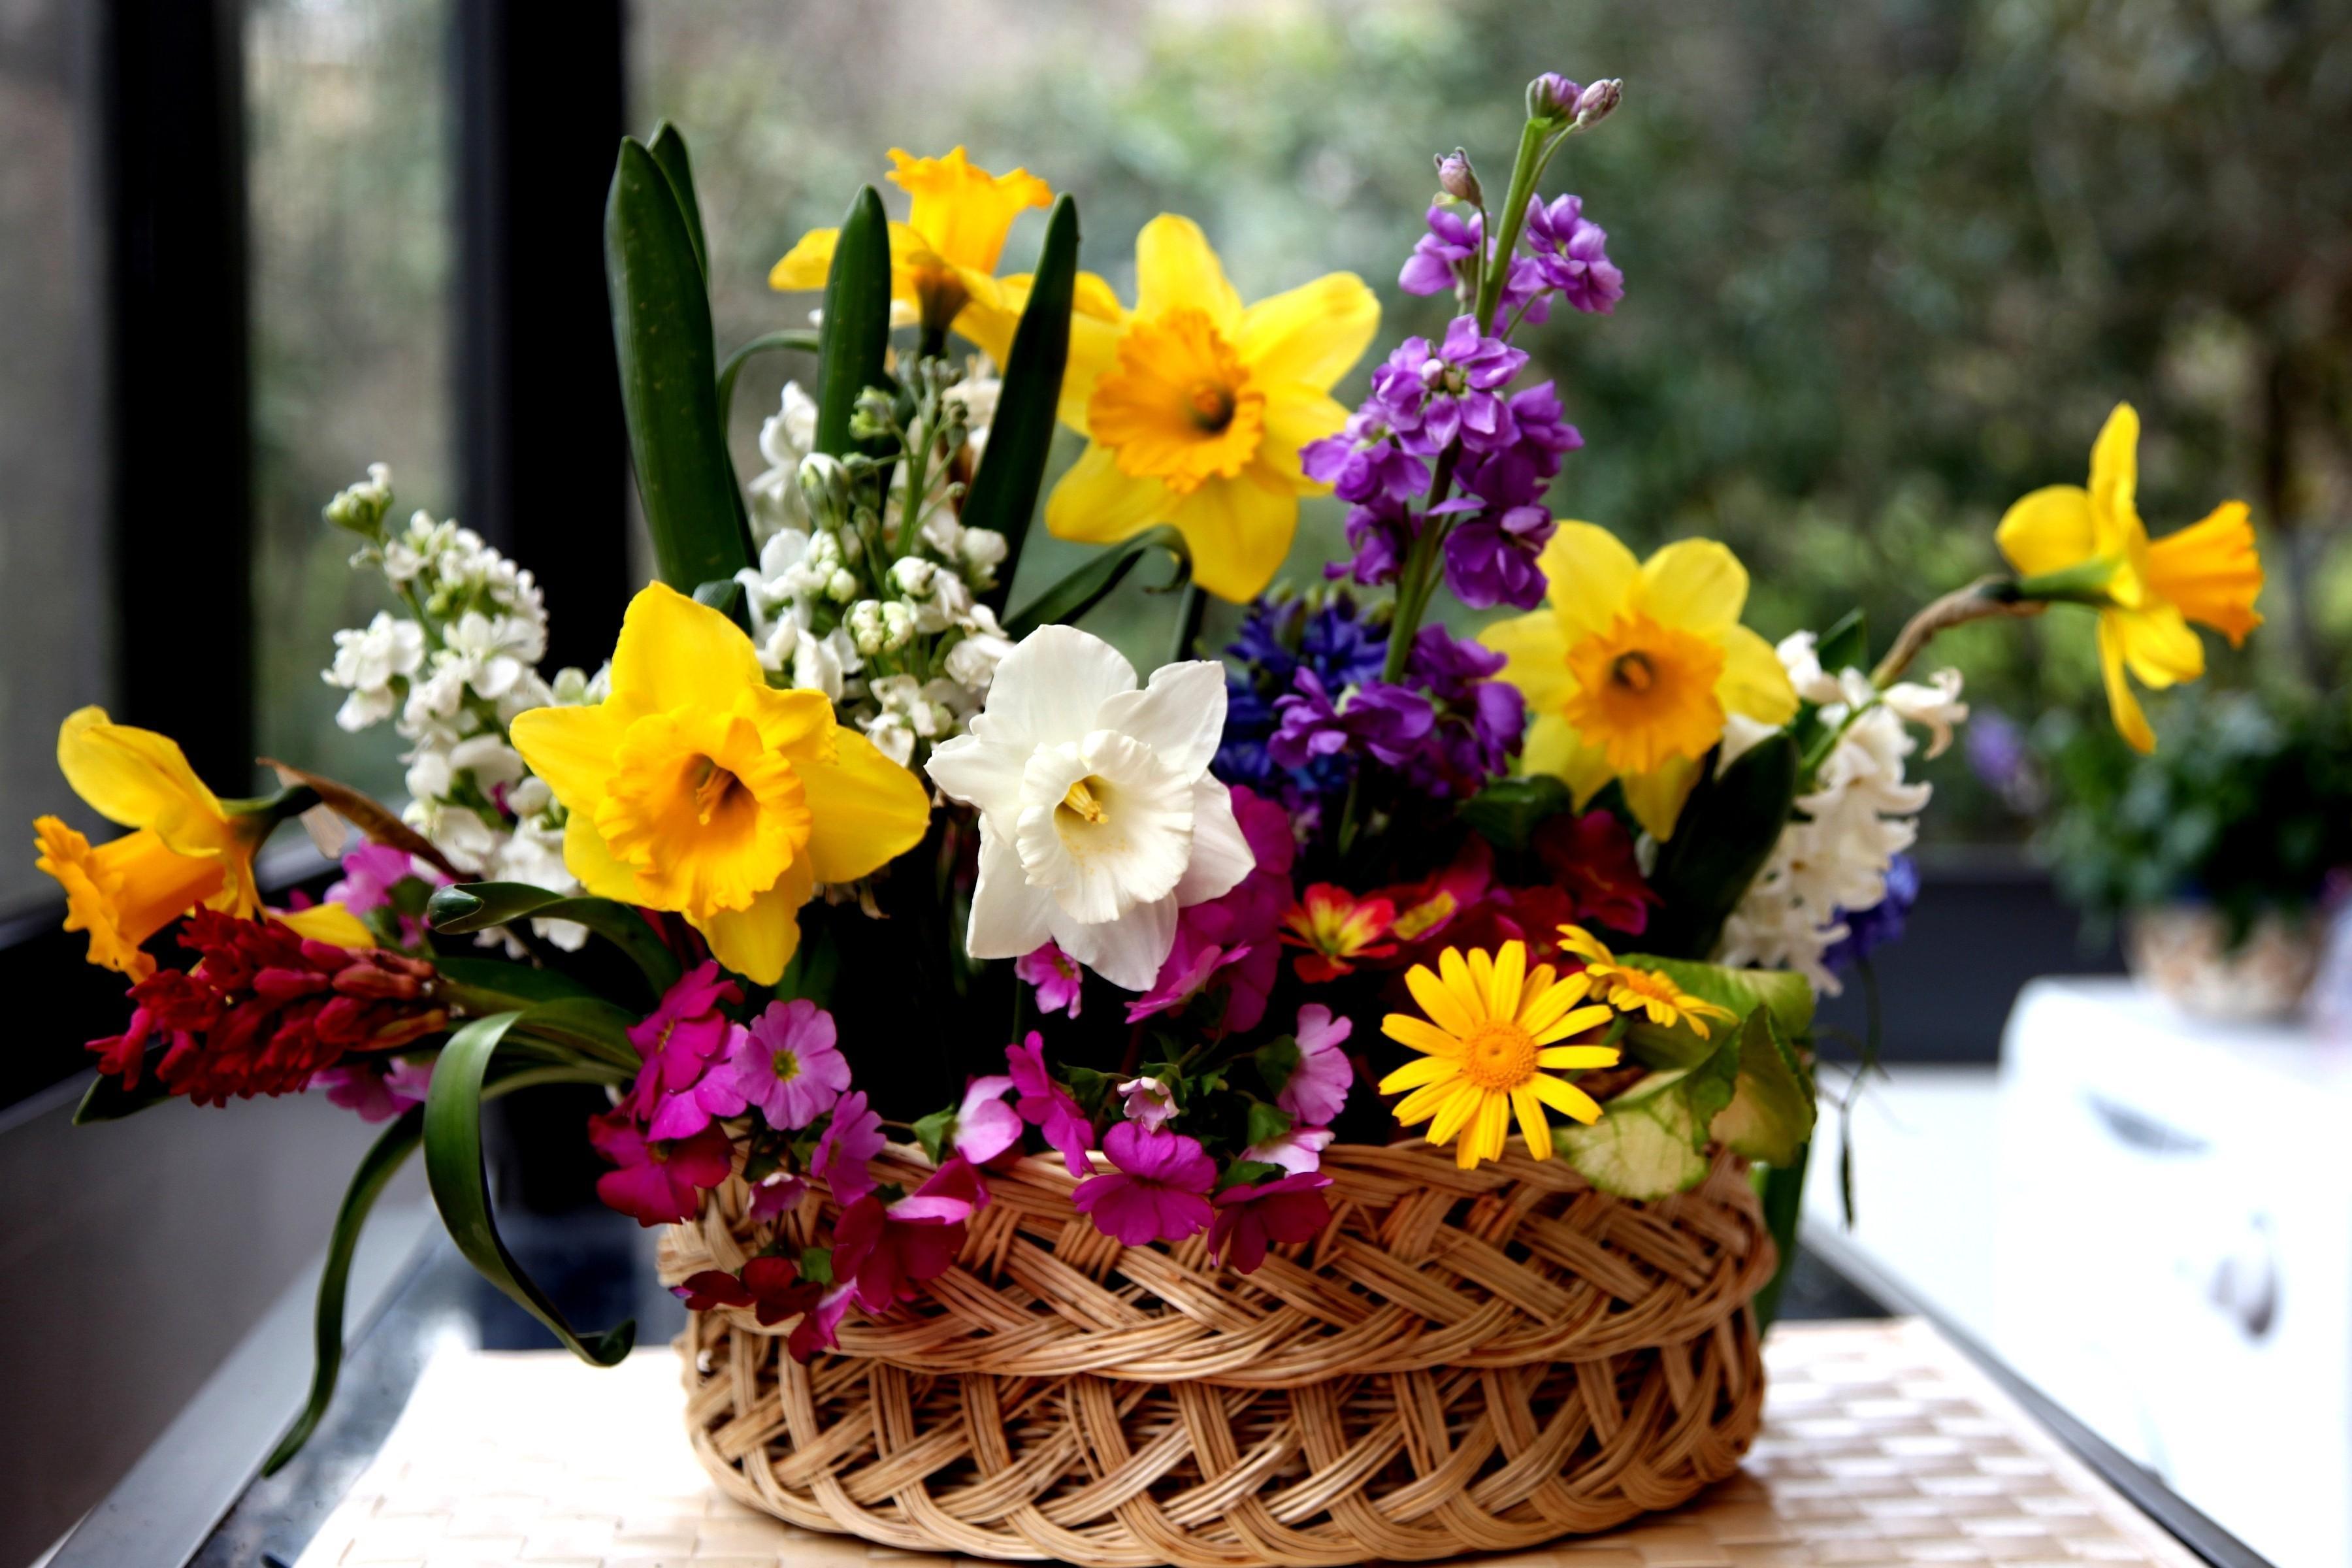 154498 Заставки и Обои Нарциссы на телефон. Скачать Цветы, Нарциссы, Корзина, Композиция, Разные картинки бесплатно